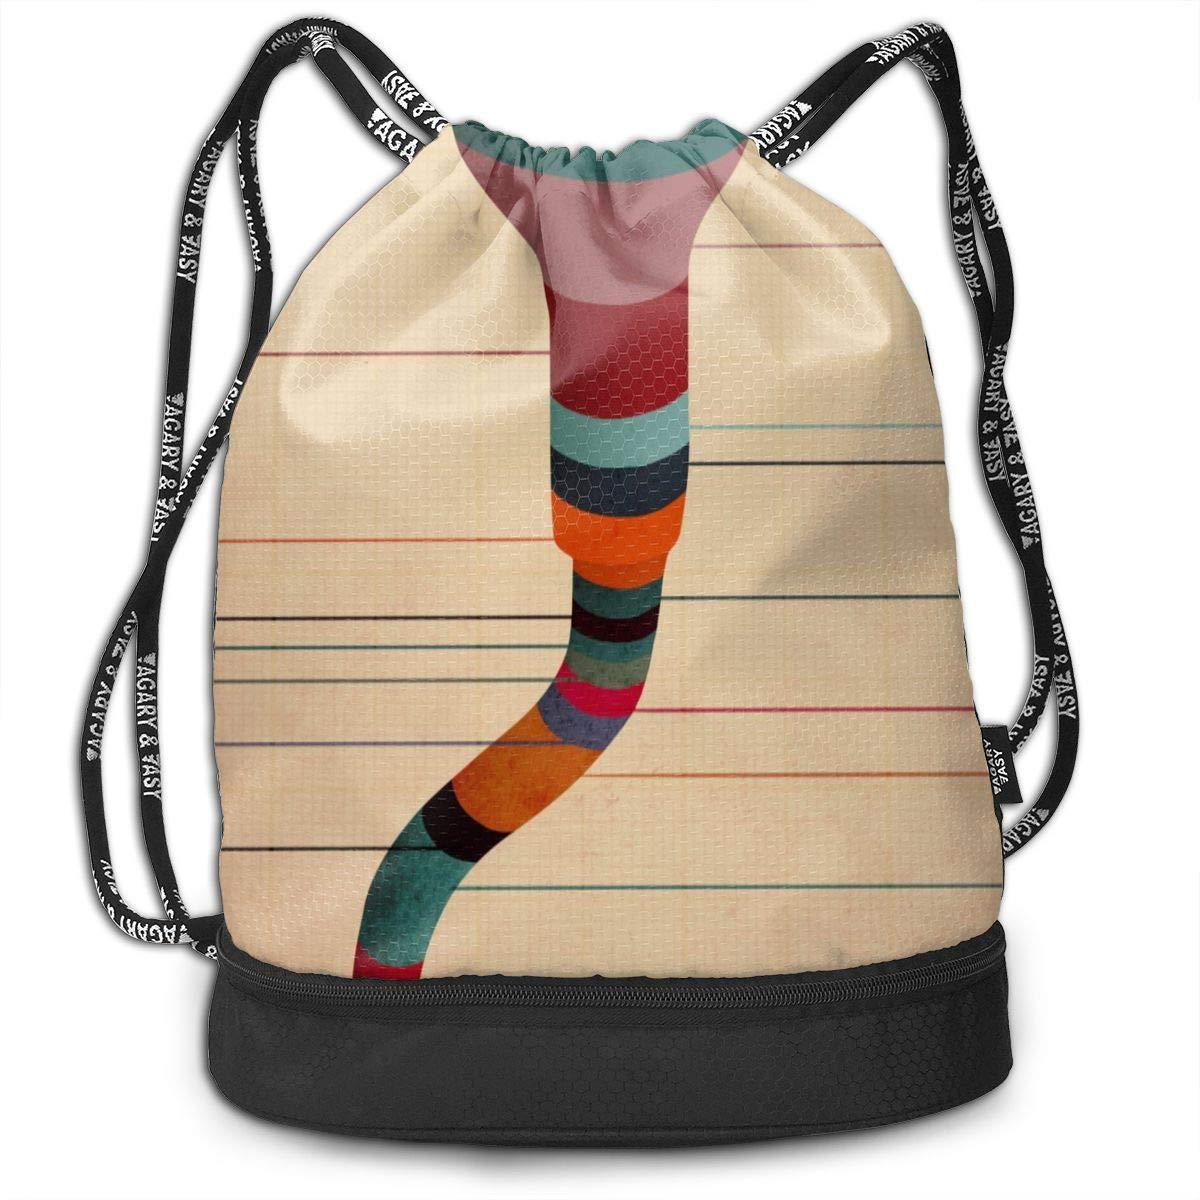 HUOPR5Q Tadpole Drawstring Backpack Sport Gym Sack Shoulder Bulk Bag Dance Bag for School Travel